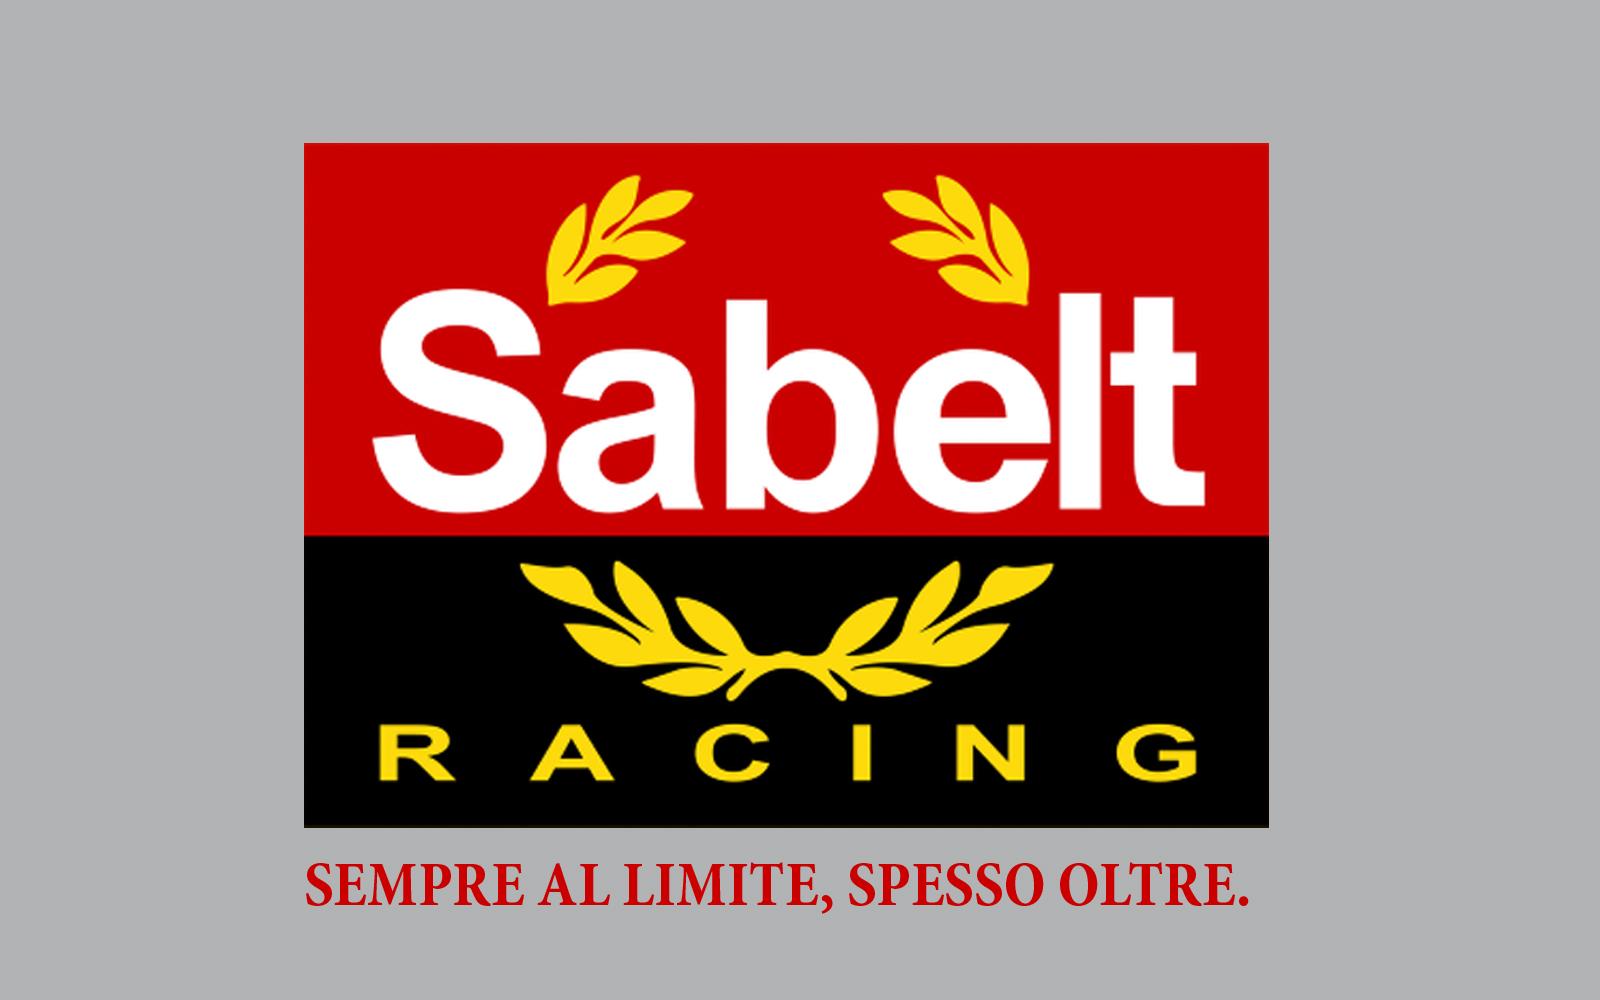 Sabelt Racing